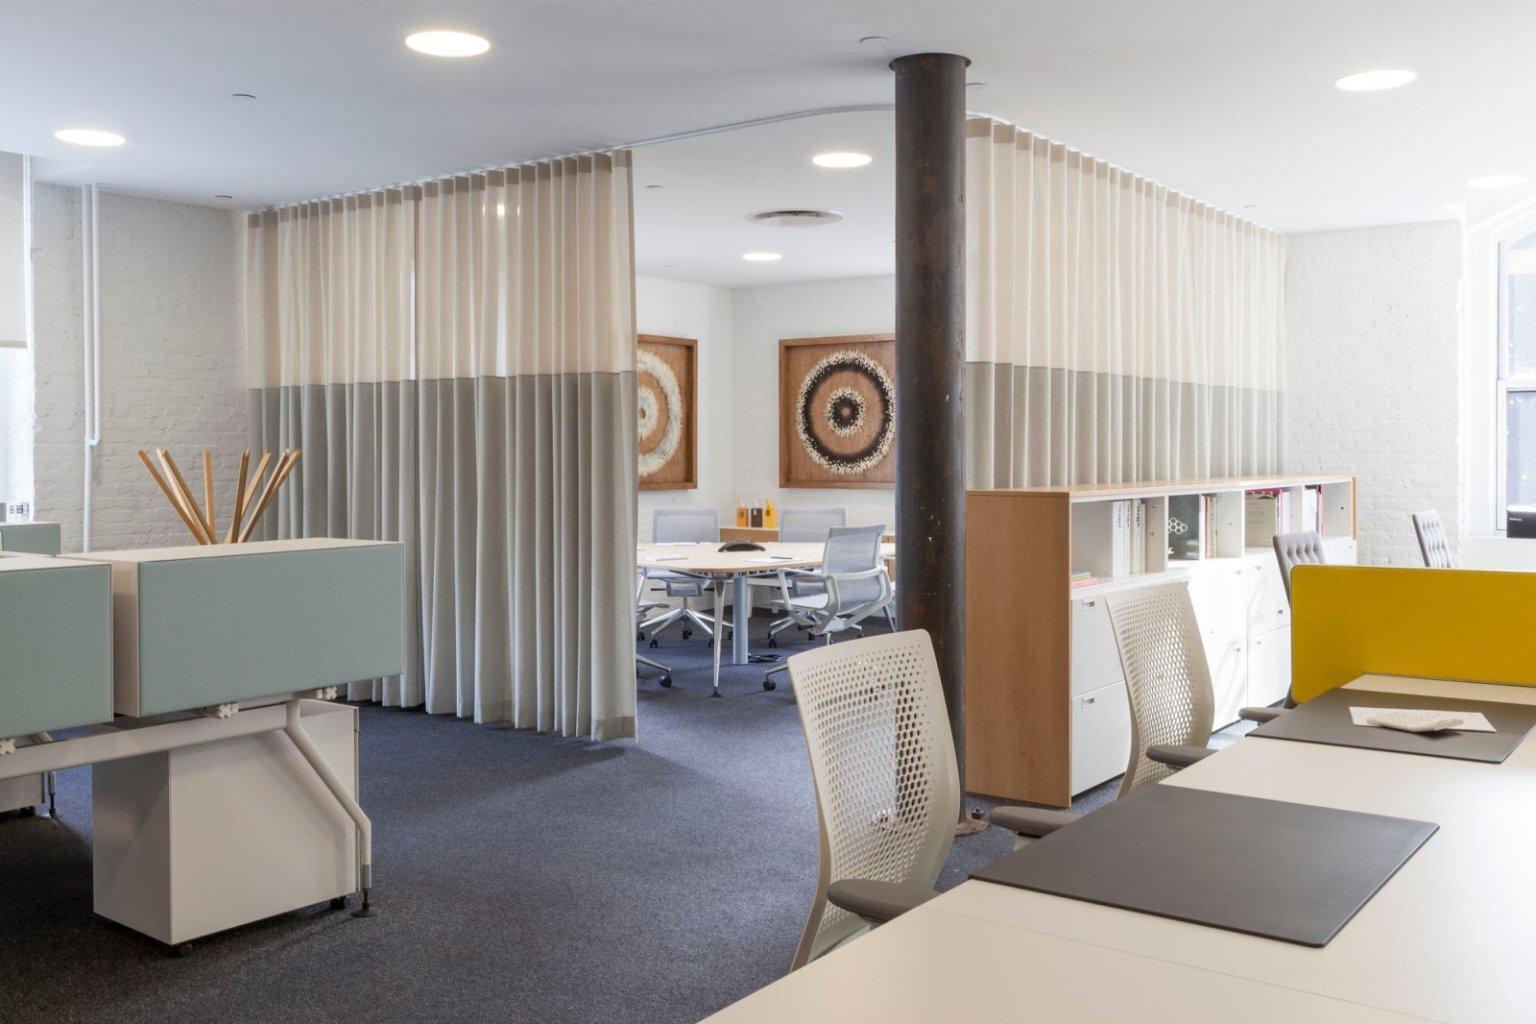 Full Size of Vorhänge Ikea Küche Betten 160x200 Schlafzimmer Modulküche Sofa Mit Schlaffunktion Kaufen Wohnzimmer Kosten Miniküche Bei Wohnzimmer Vorhänge Ikea